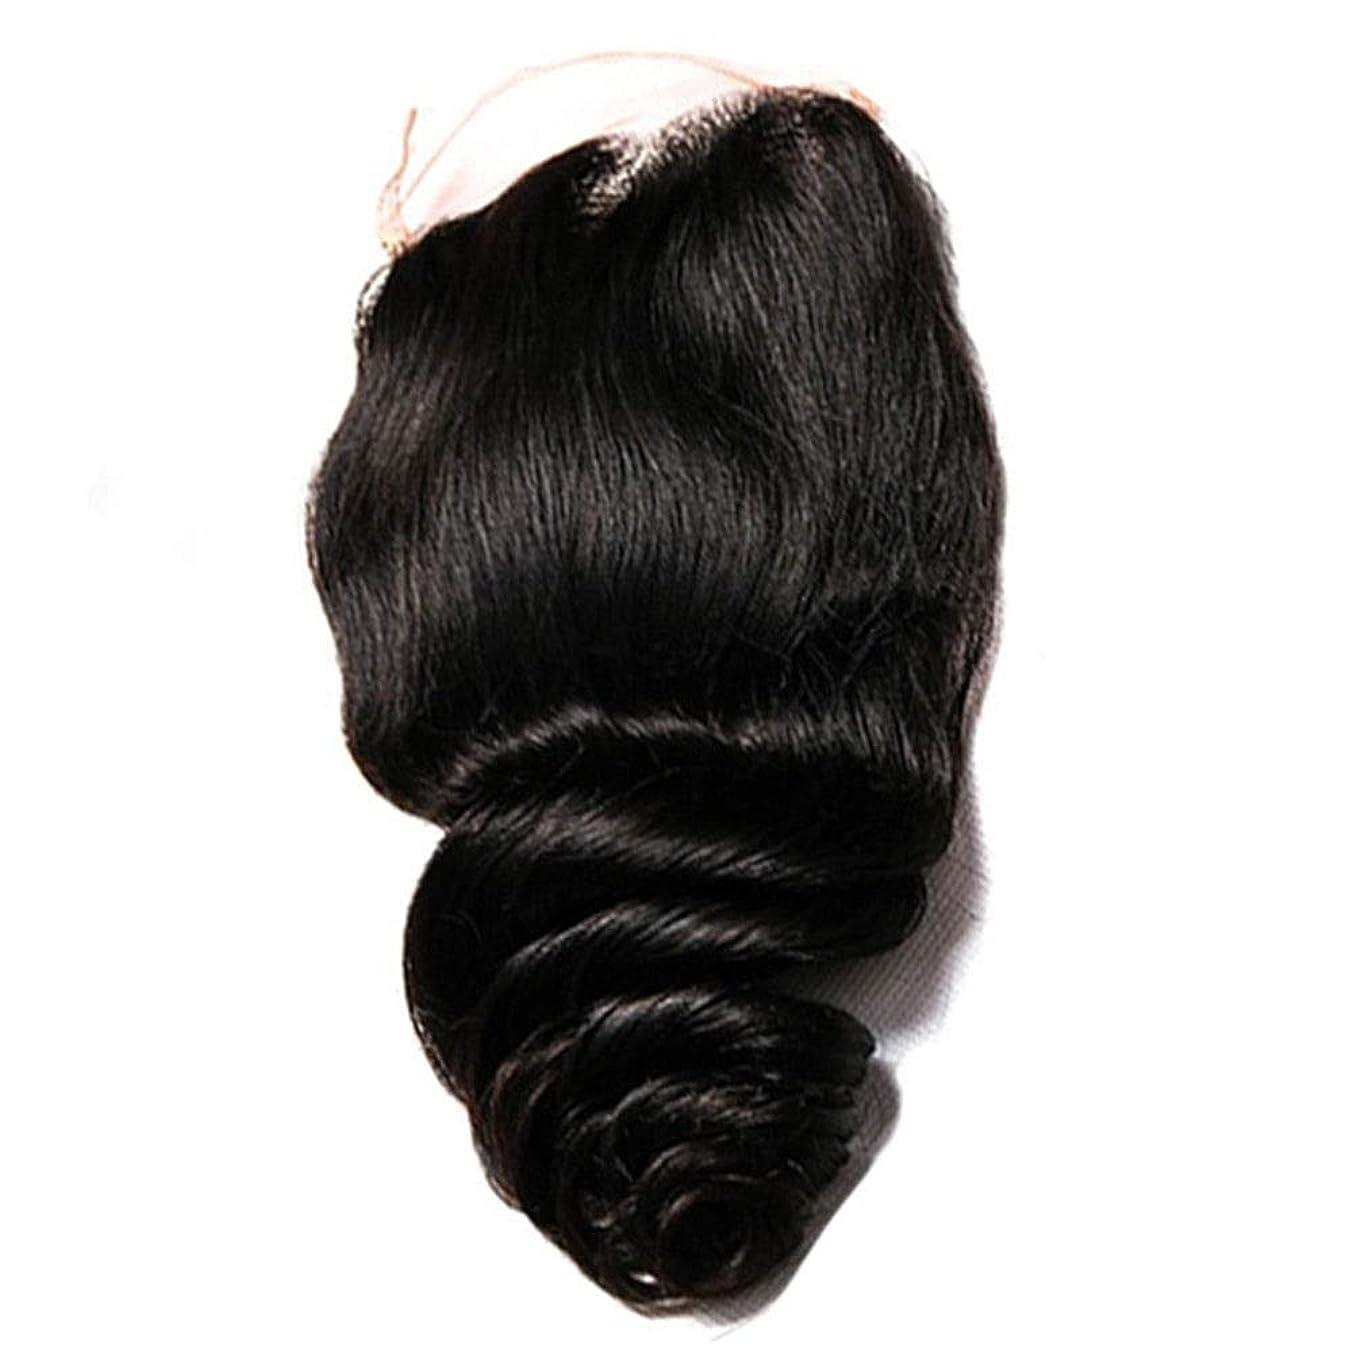 内なるダイヤルキリストYrattary 女性のルースウェーブヘアエクステンションブラジルの人間の髪織りレースの閉鎖4 x 4自由な部分の髪の女性のかつらレースのかつらロールプレイングかつら (色 : 黒, サイズ : 8 inch)